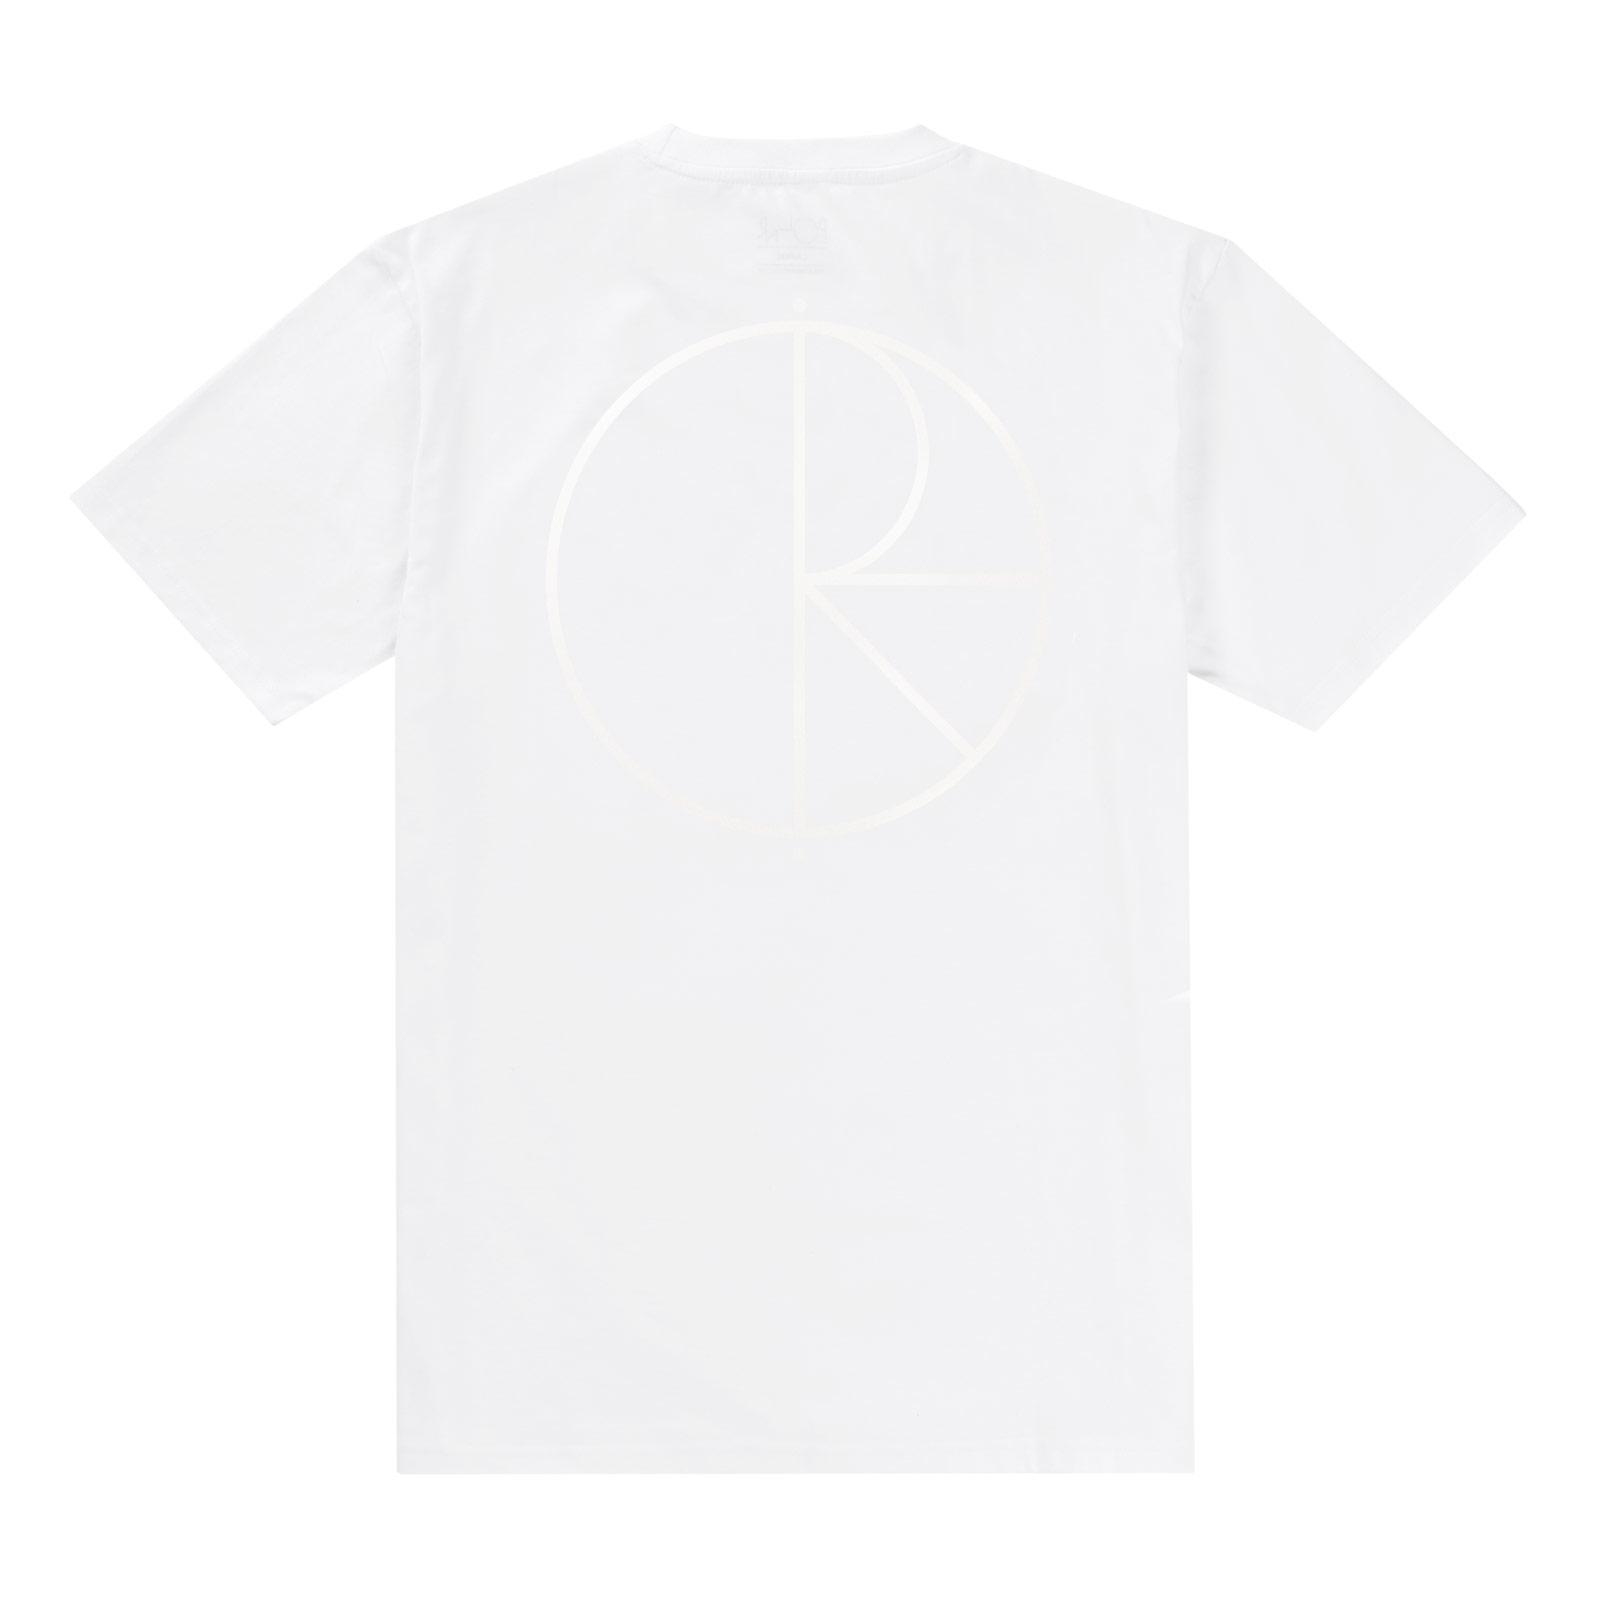 画像1: POLAR [ポーラースケート]  Reflective storoke logo tee White/White(LOLA QUICK STRIKE) (1)